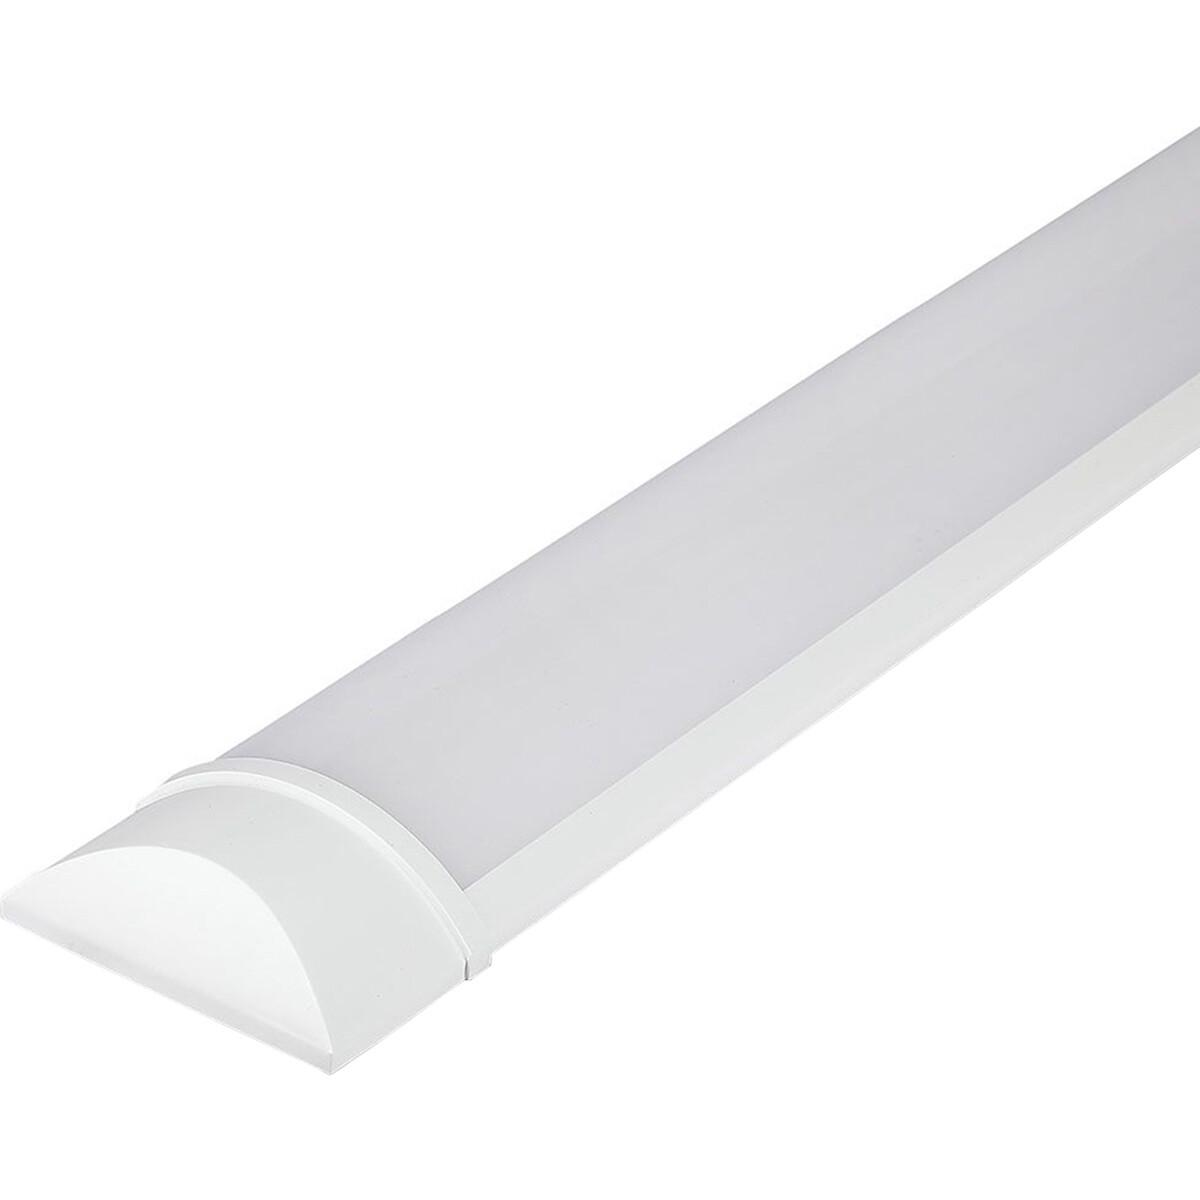 LED Balk - Viron Kilas - 15W High Lumen - Helder/Koud Wit 6400K - Mat Wit - Kunststof - 60cm